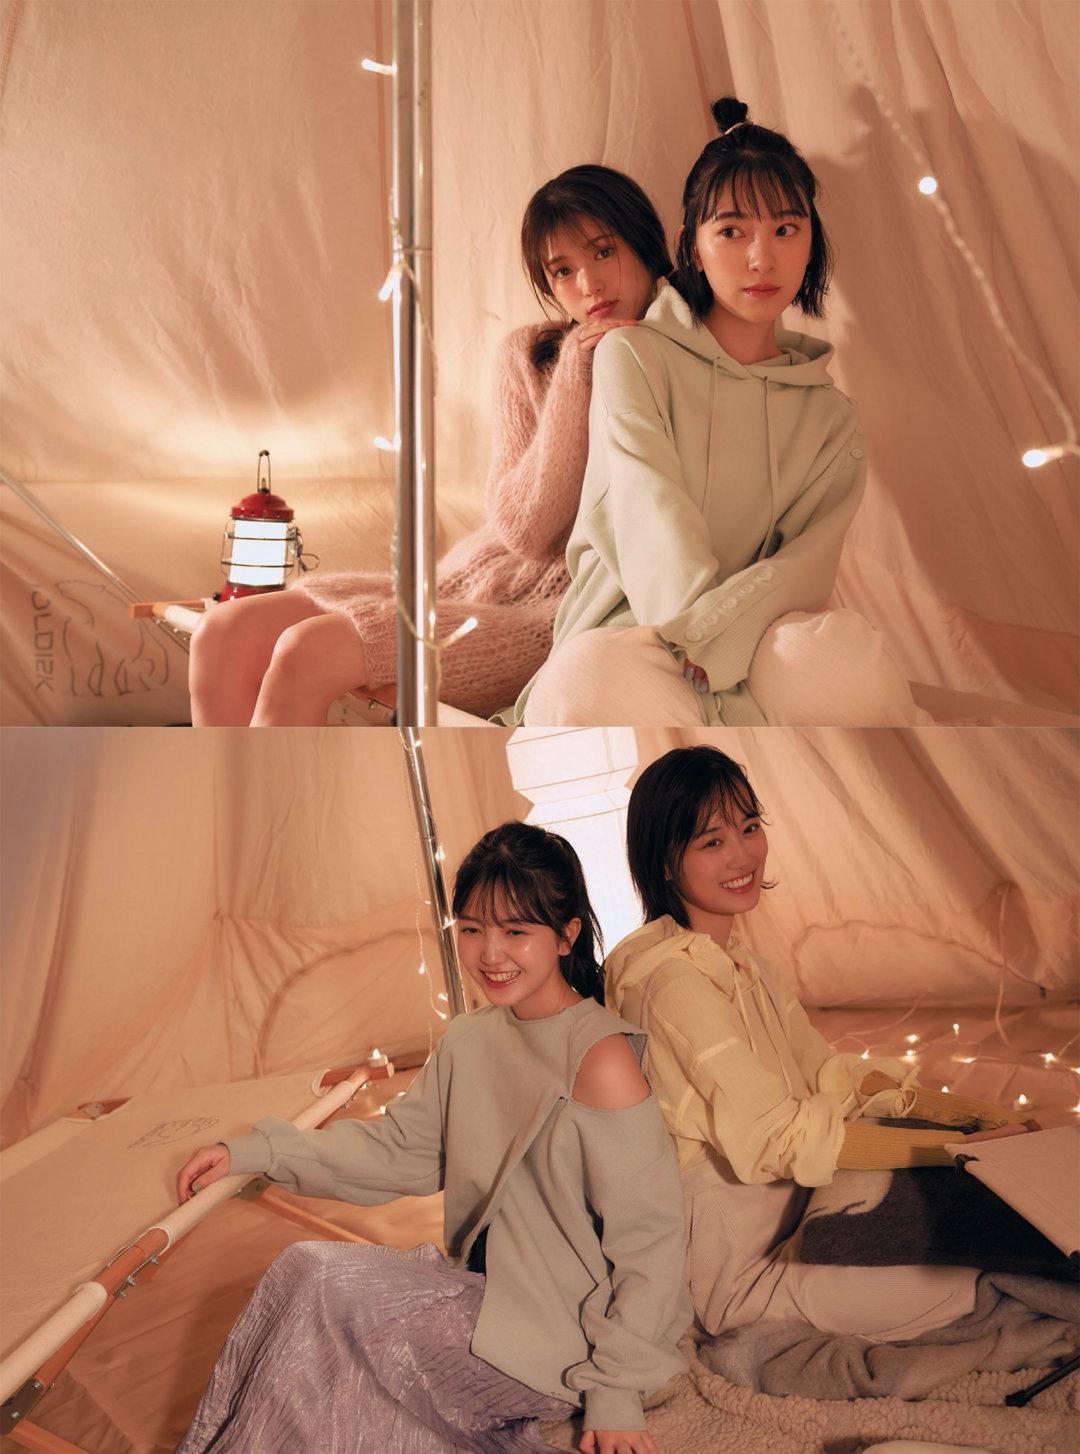 乃木坂46「女子的流行事物」